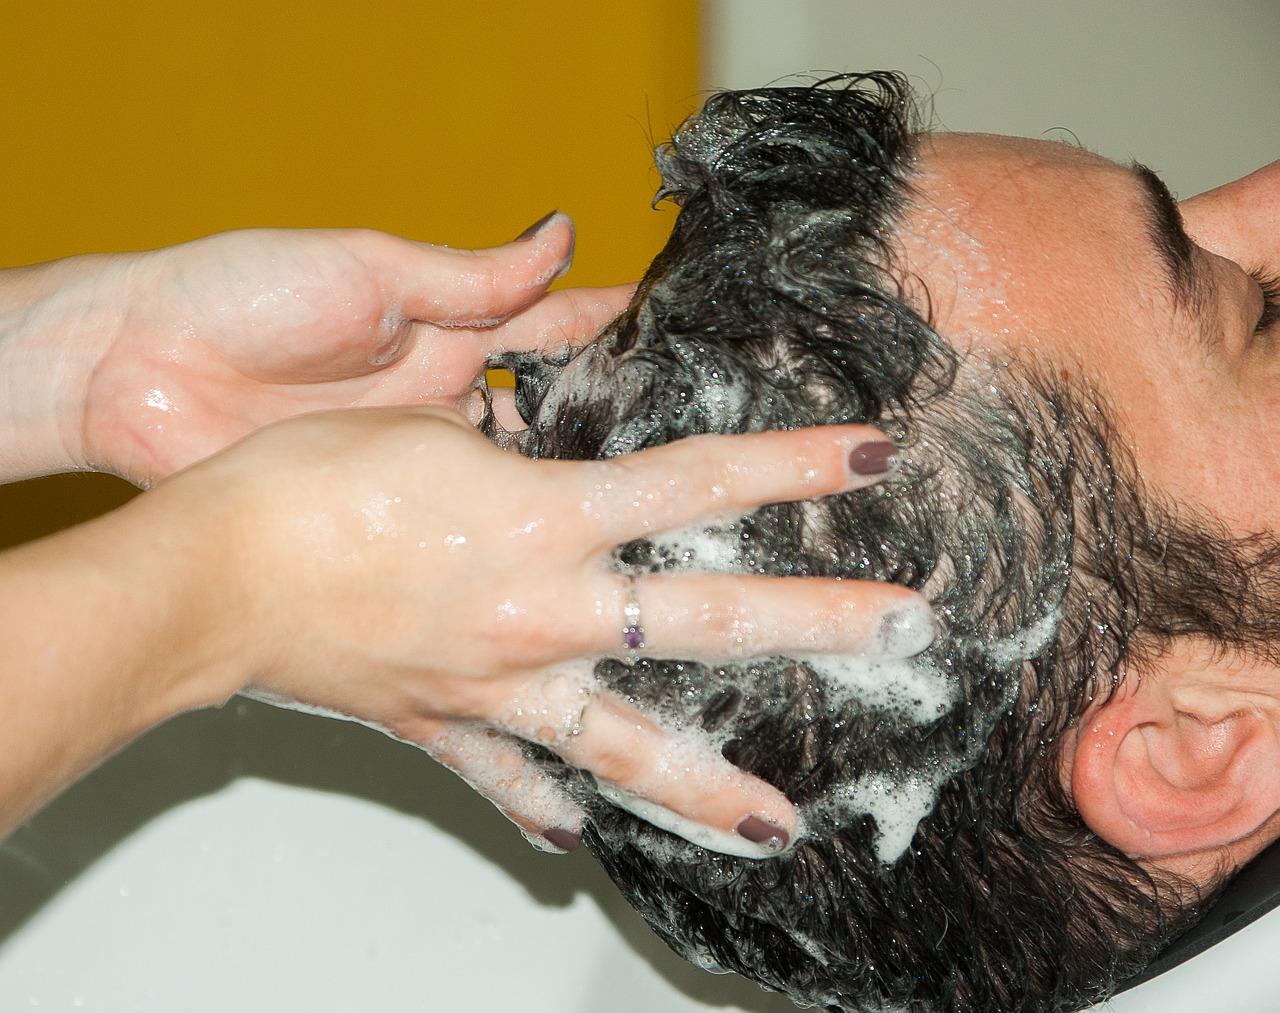 fejbőr pikkelysömör hogyan lehet enyhíteni az exacerbációt